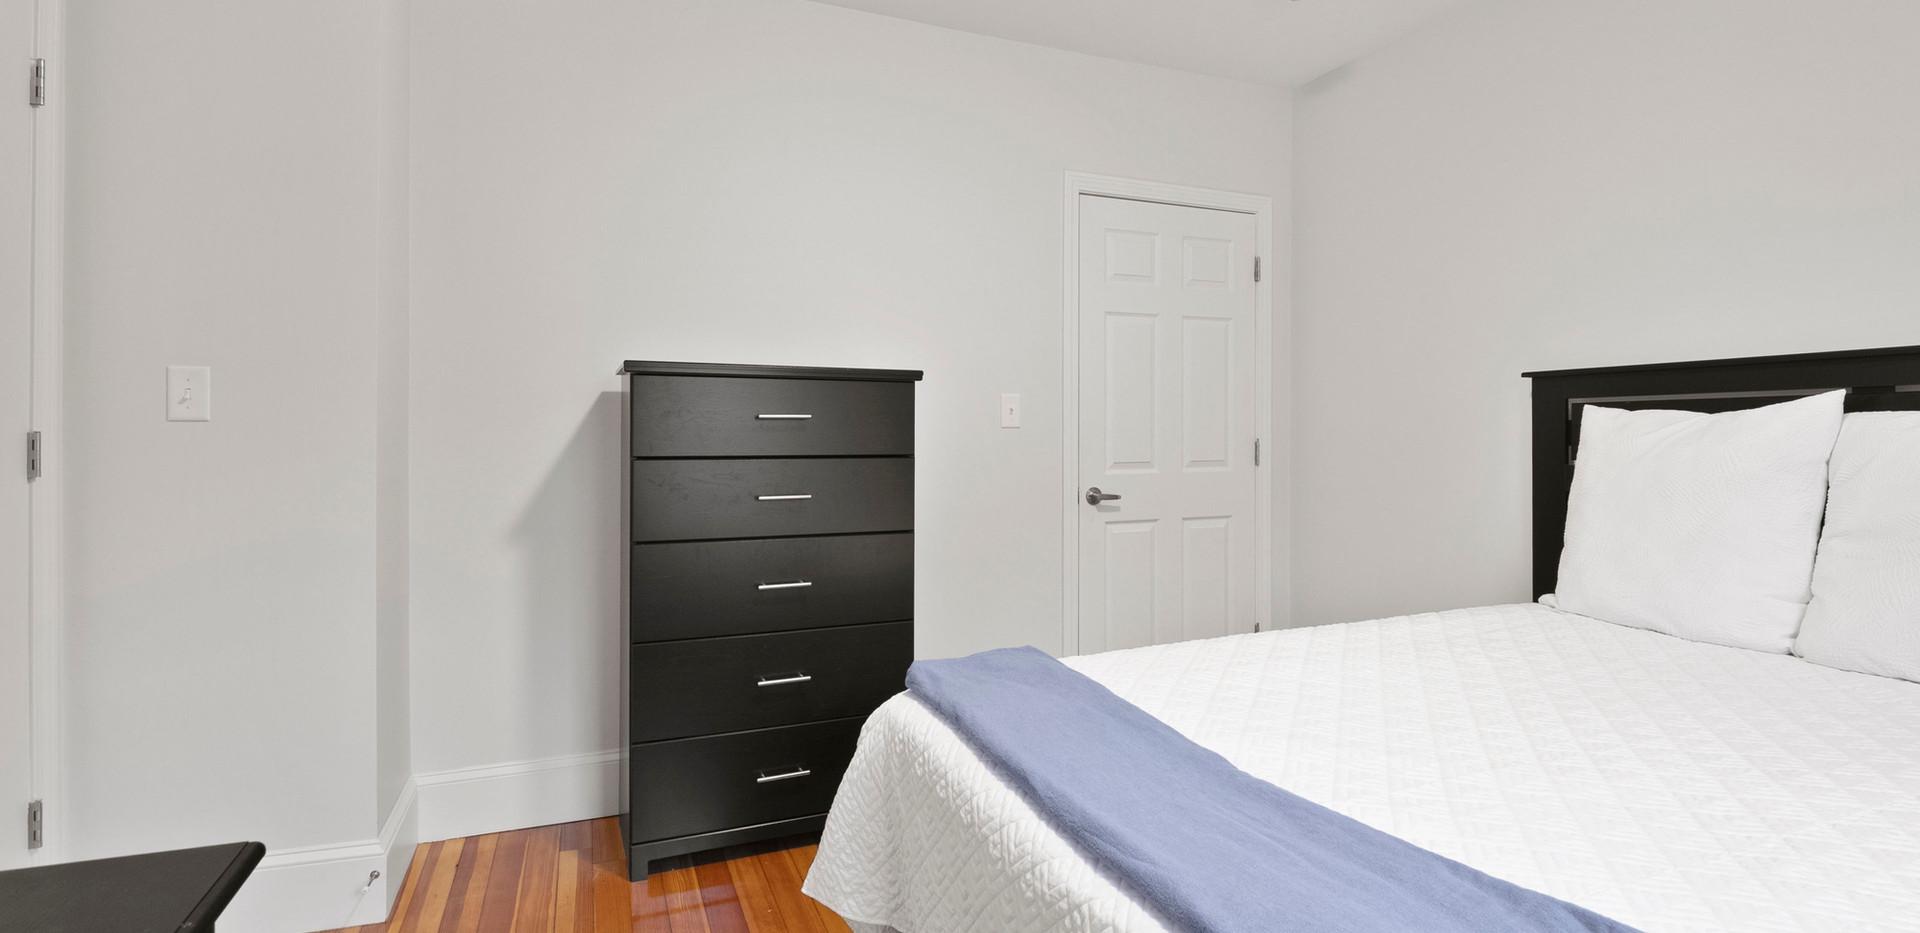 23_Washington_2_Bedroom_B_Photo3.JPG